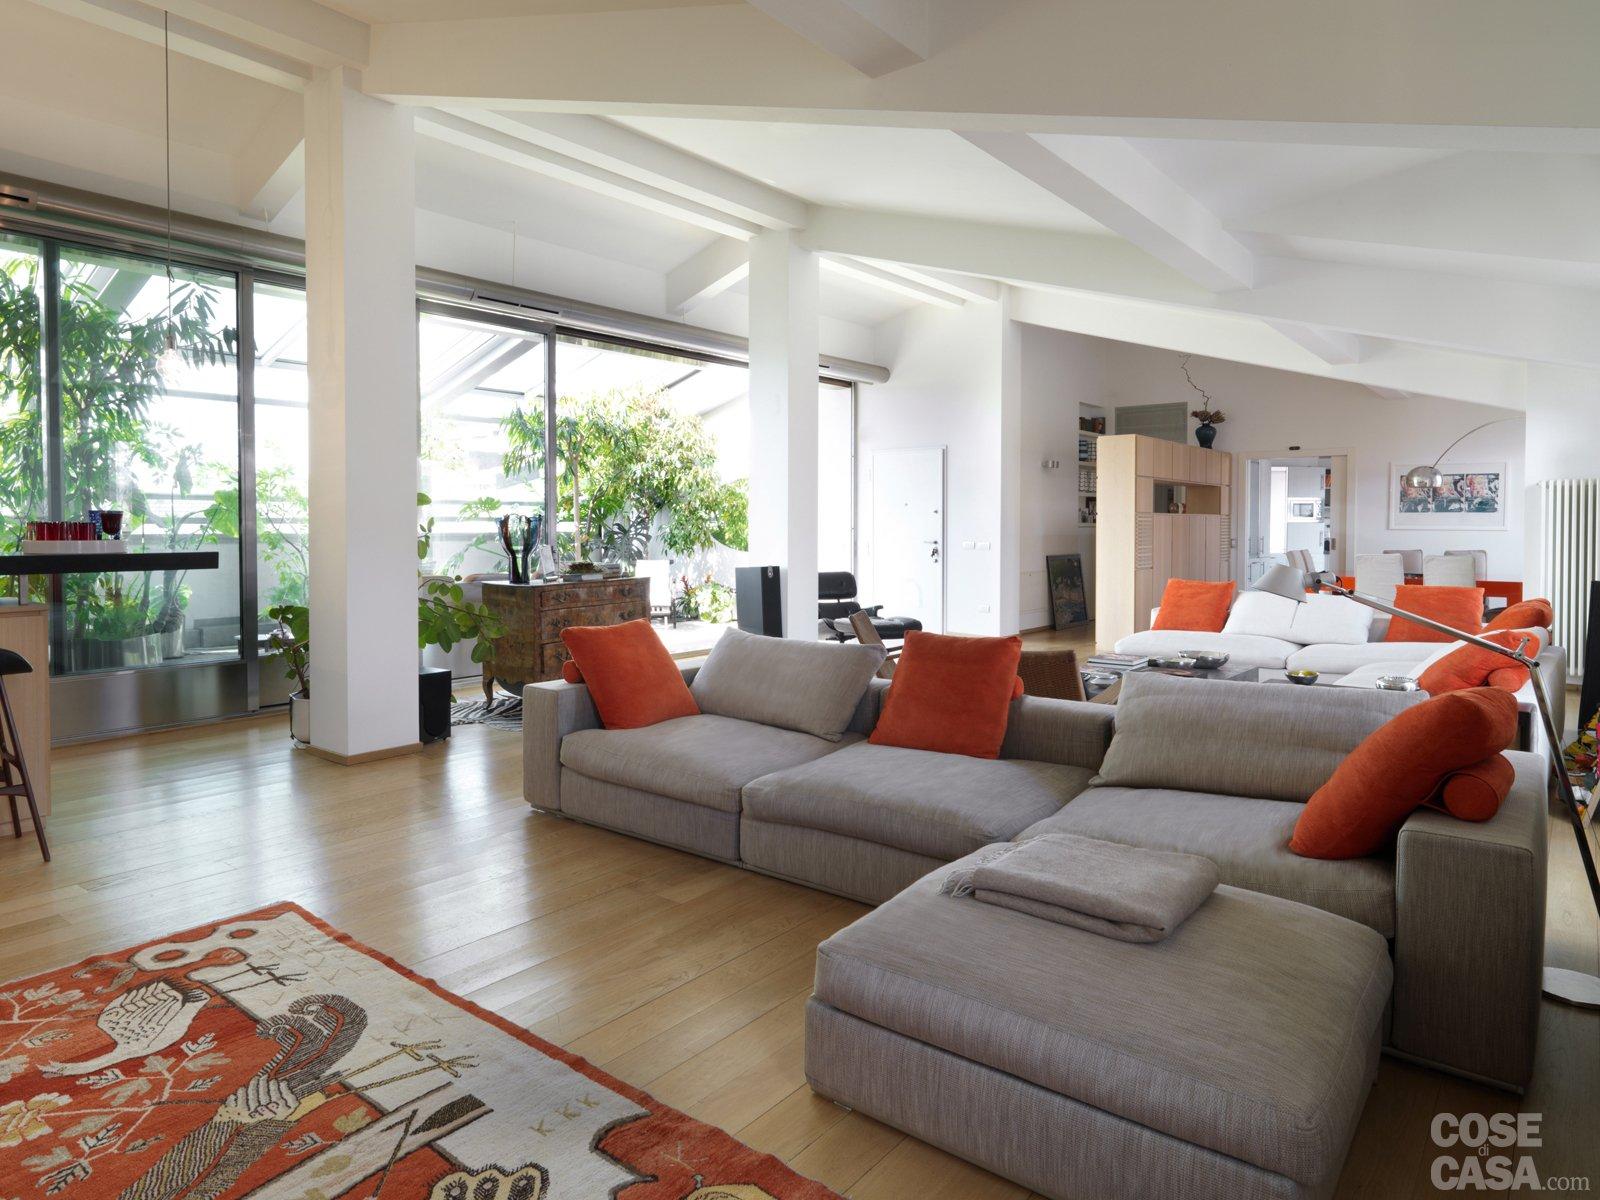 Un sottotetto con terrazzo aperto o chiuso a seconda delle necessit cose di casa - Ristrutturazione terrazzo consigli ...